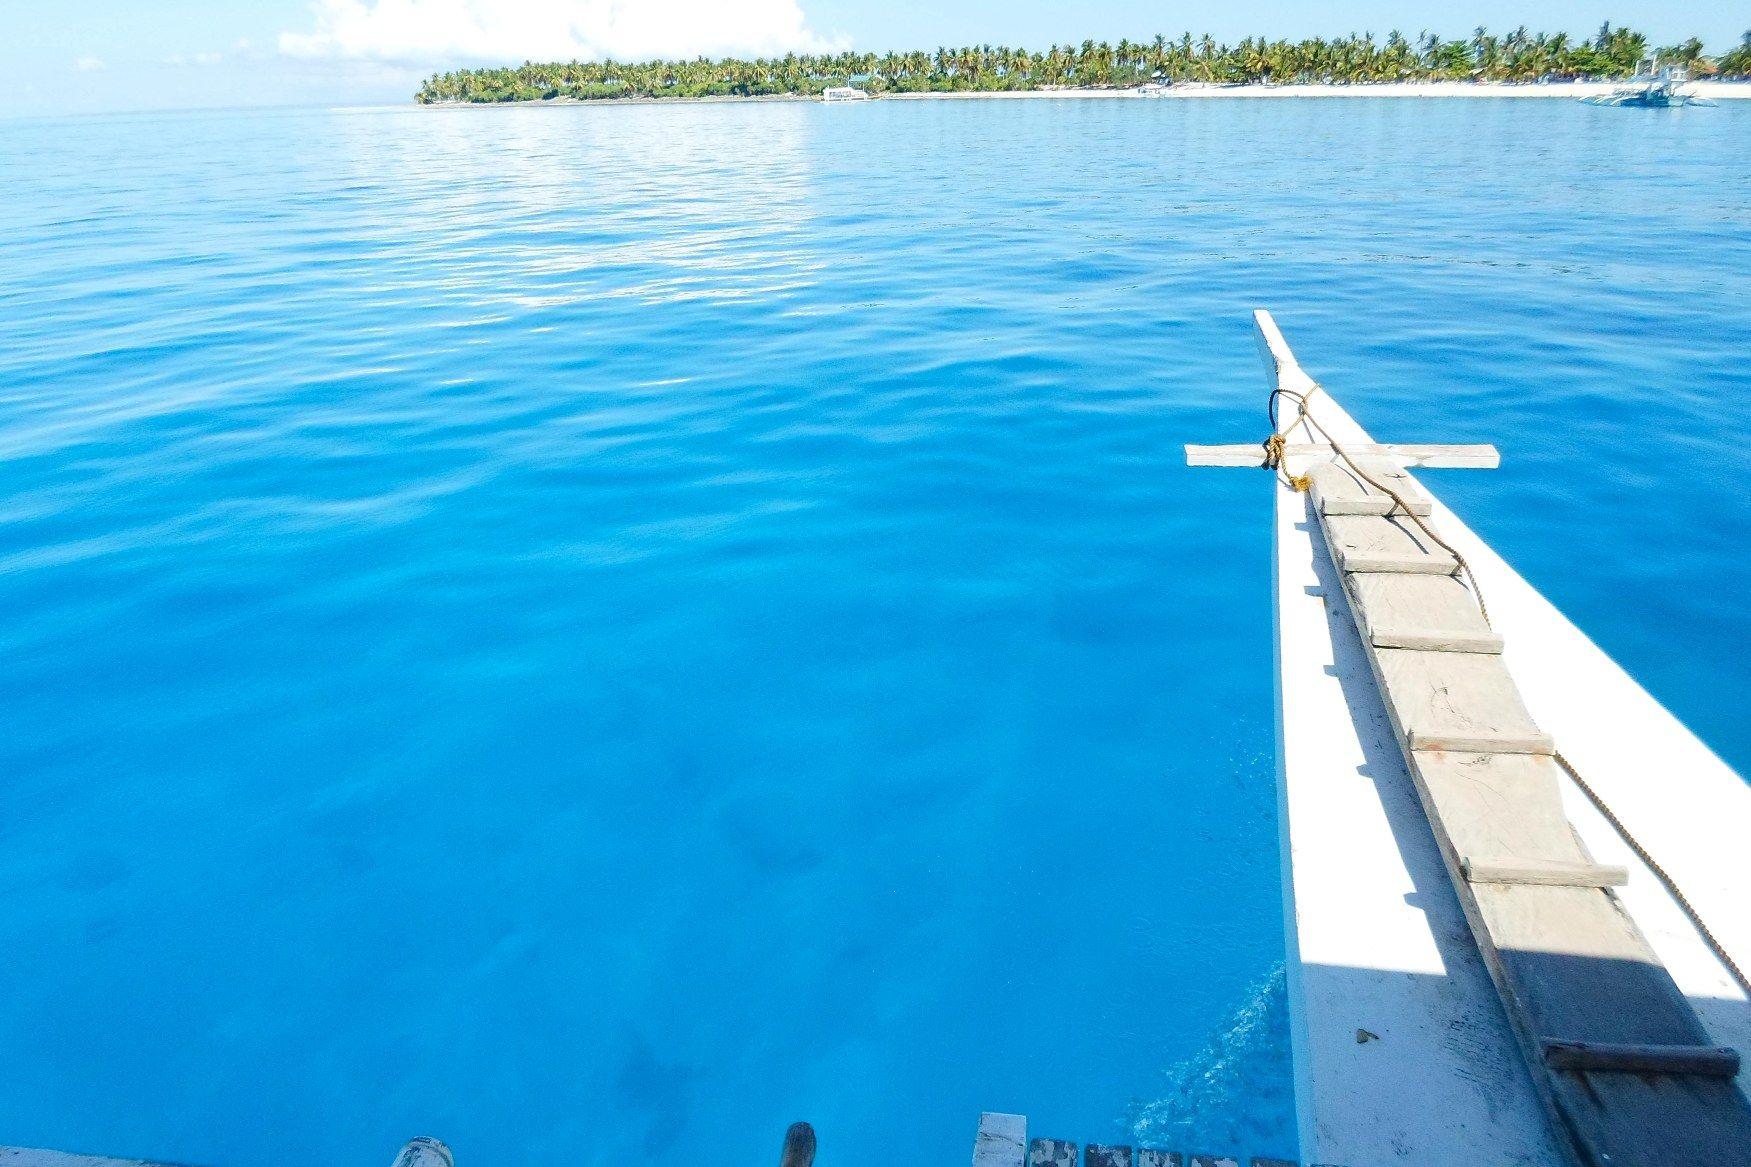 The blue water of Kalanggaman Island. May 01, 2013